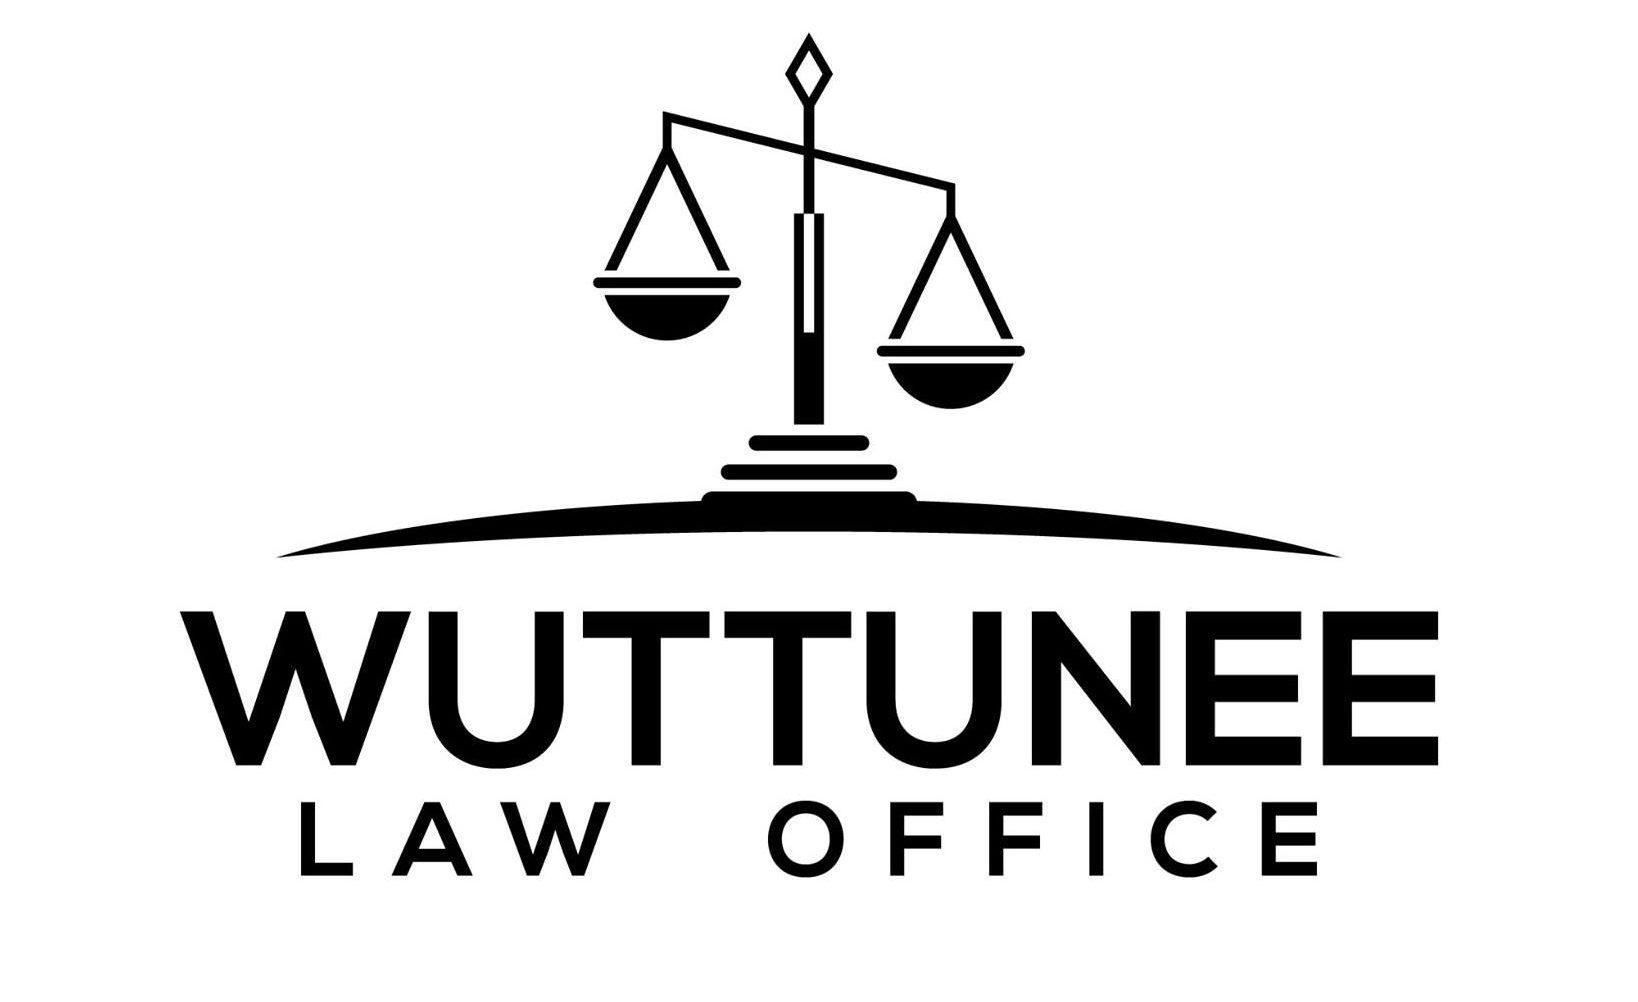 Wuttunee Law Office